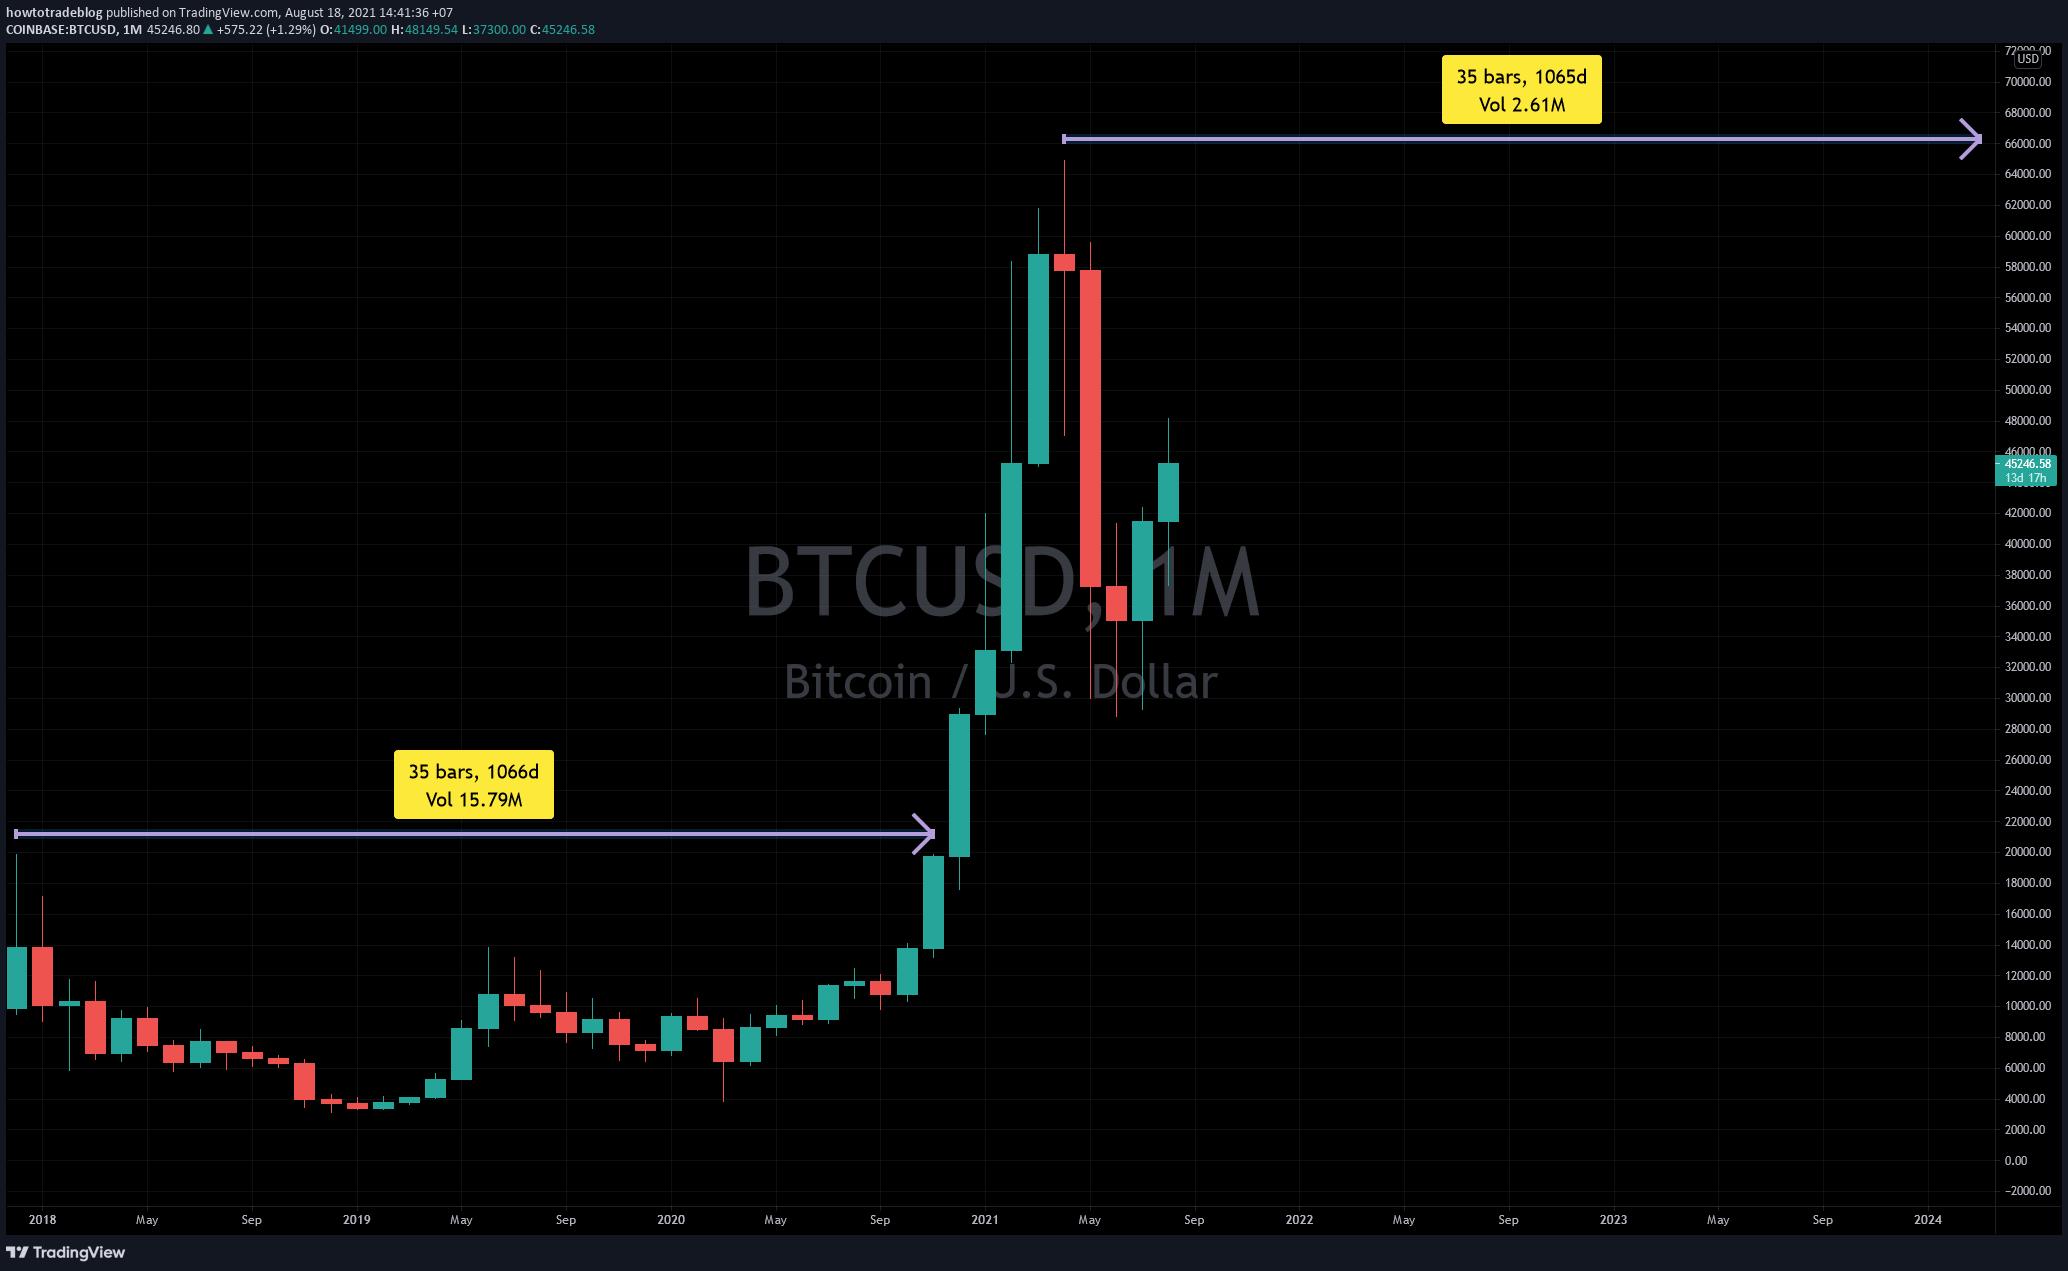 Giá Bitcoin từ 2017 đến nay